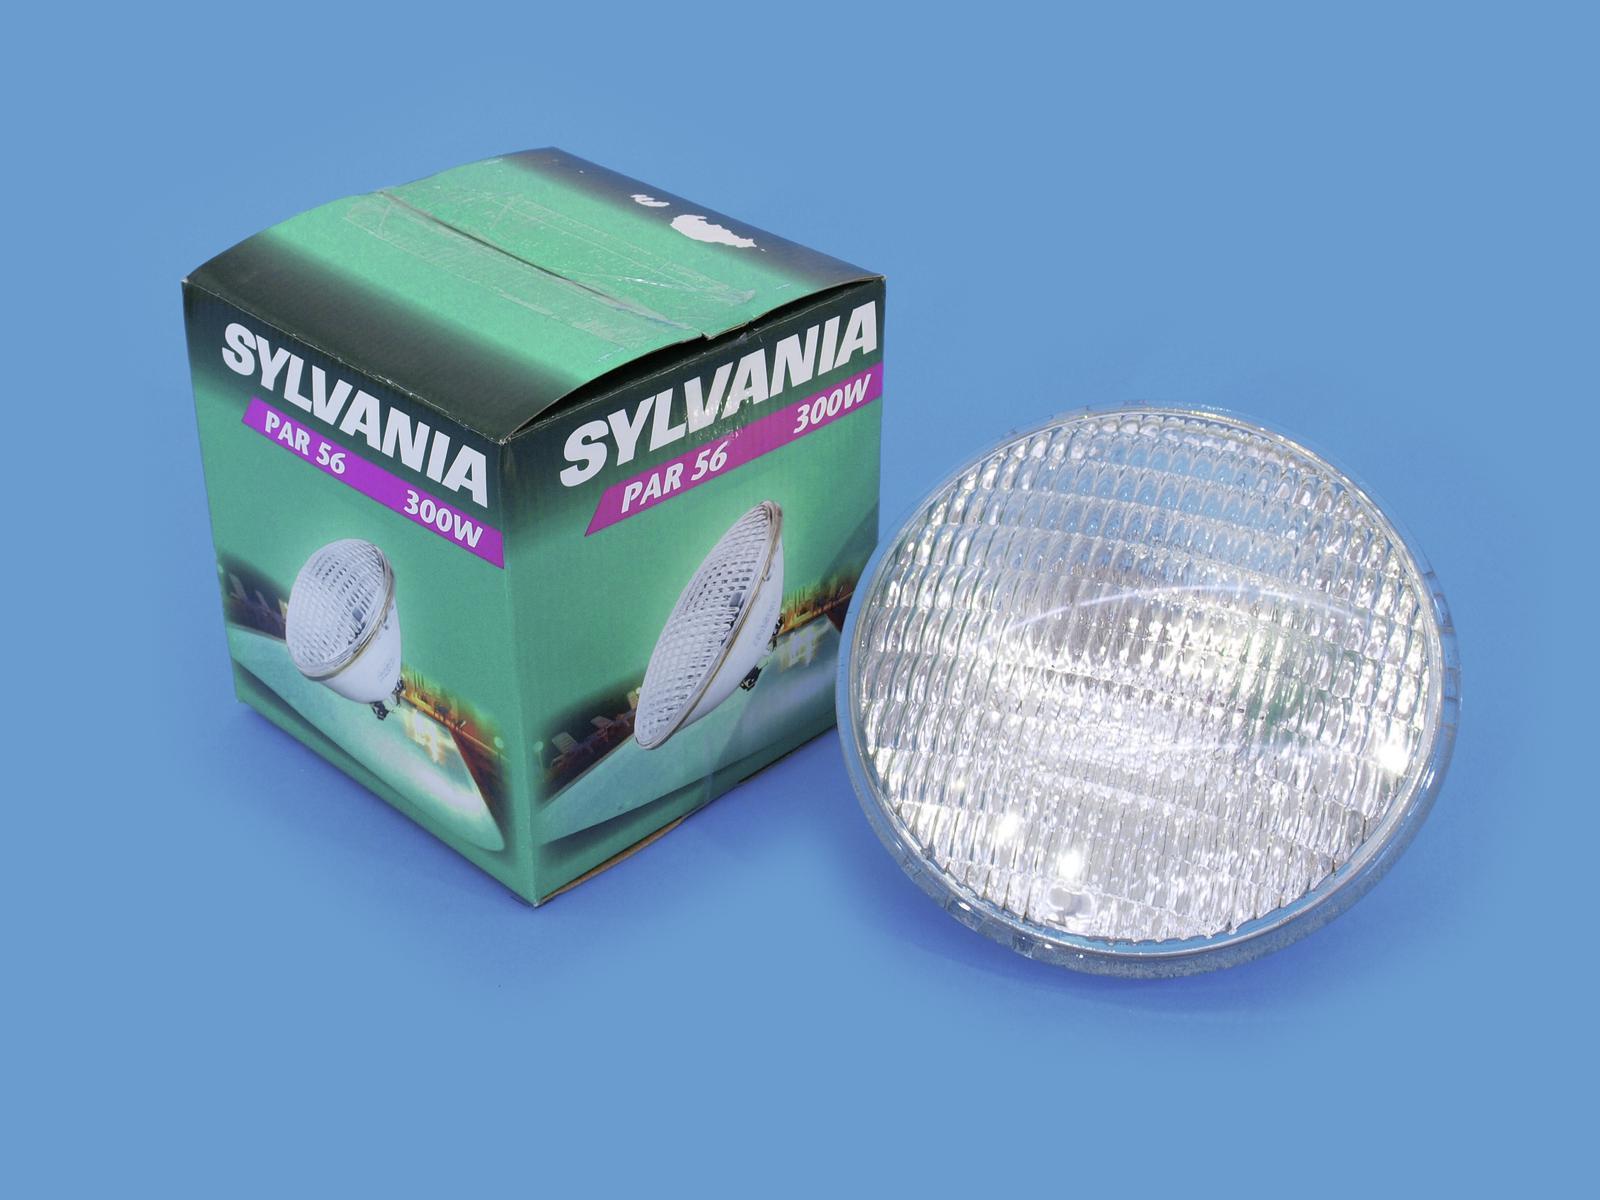 Lampade Uv Per Piante : Sylvania par v w swimming pool lamp su